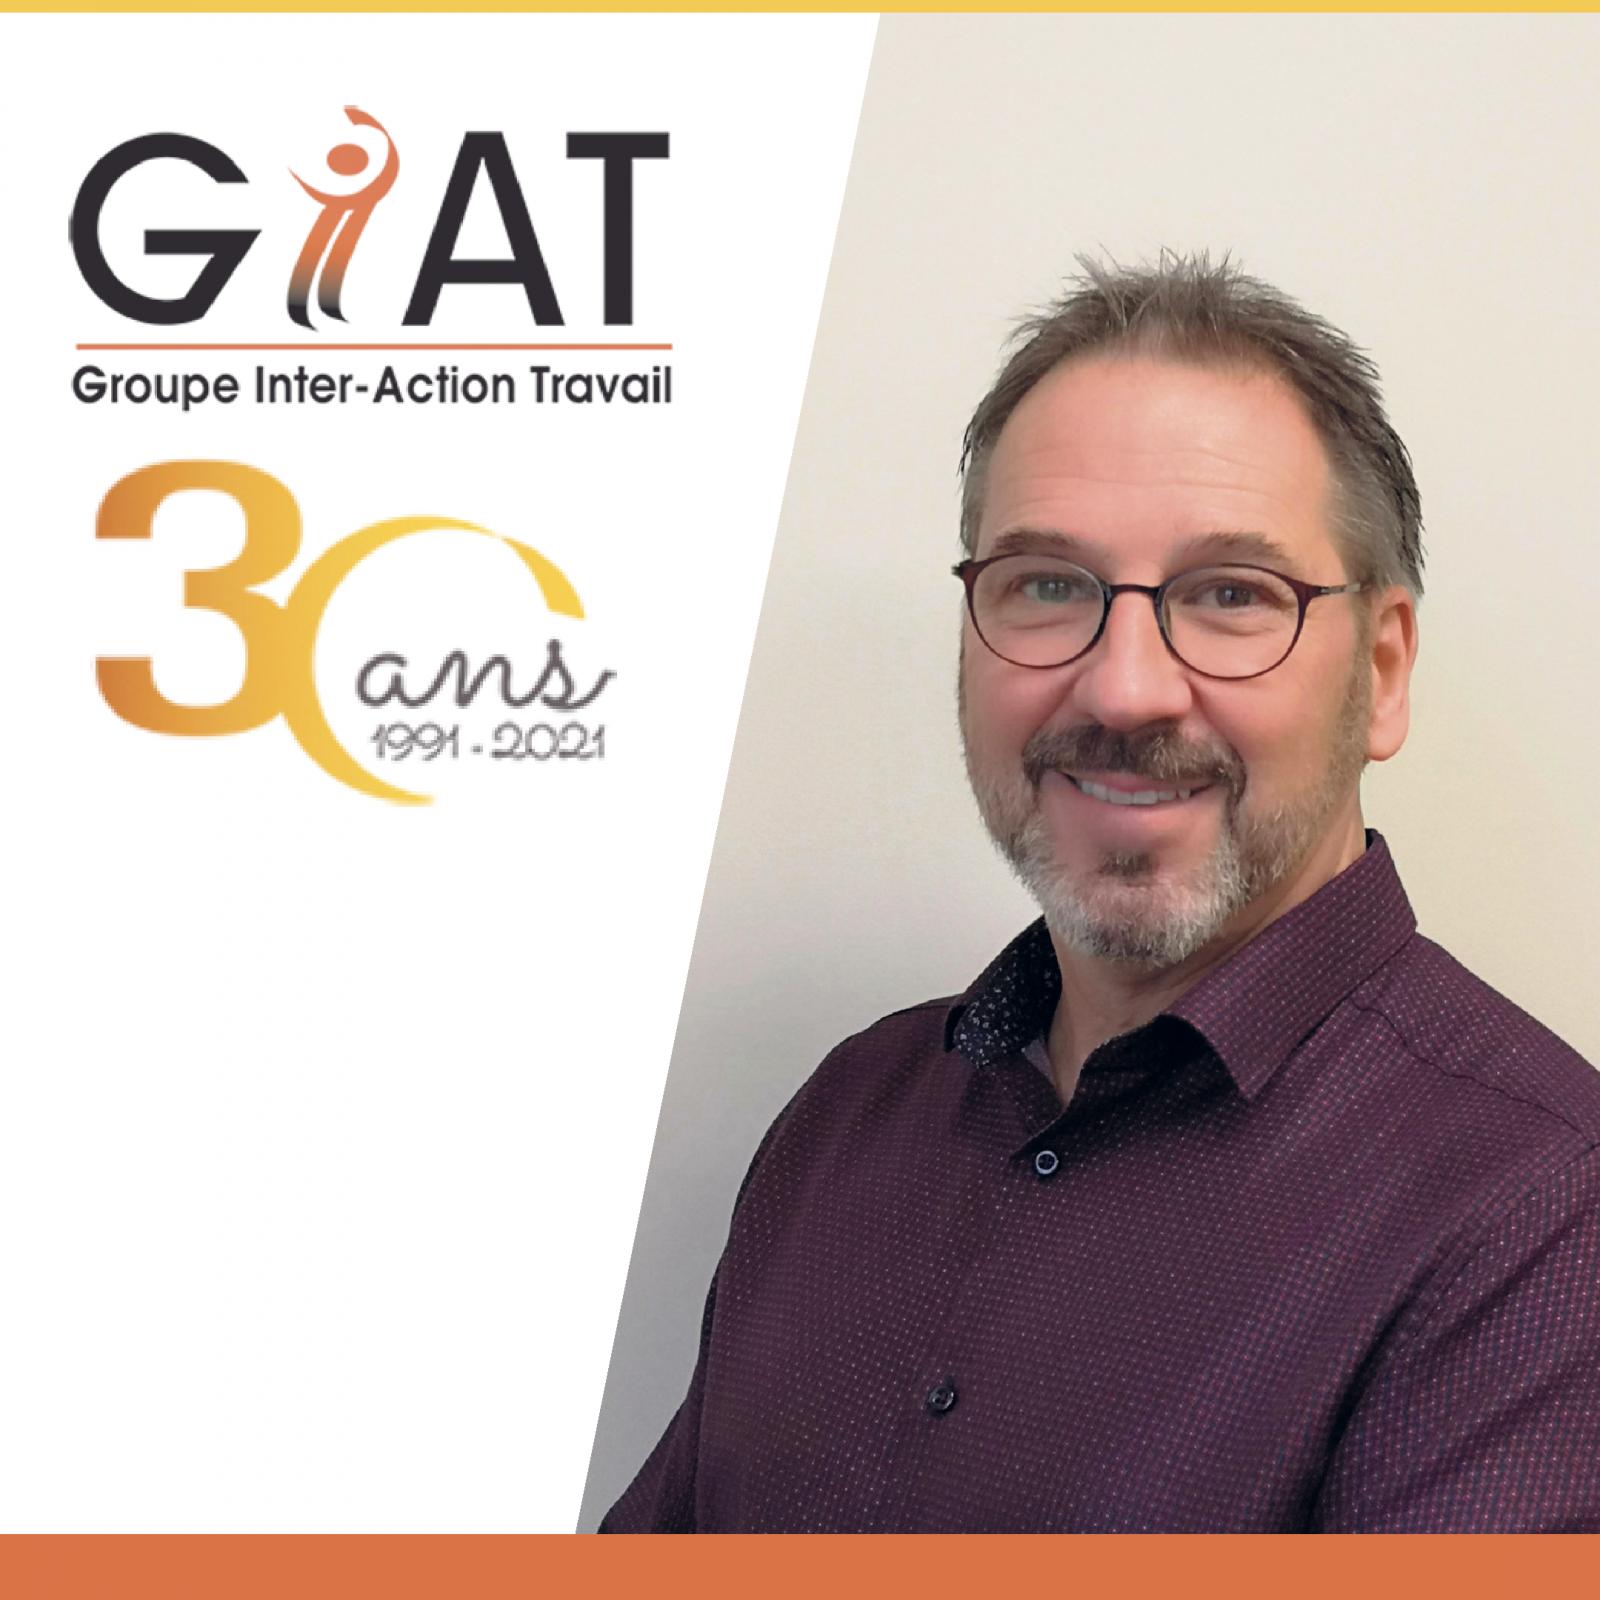 Trente ans d'existence pour le GIAT et toujours aussi populaire